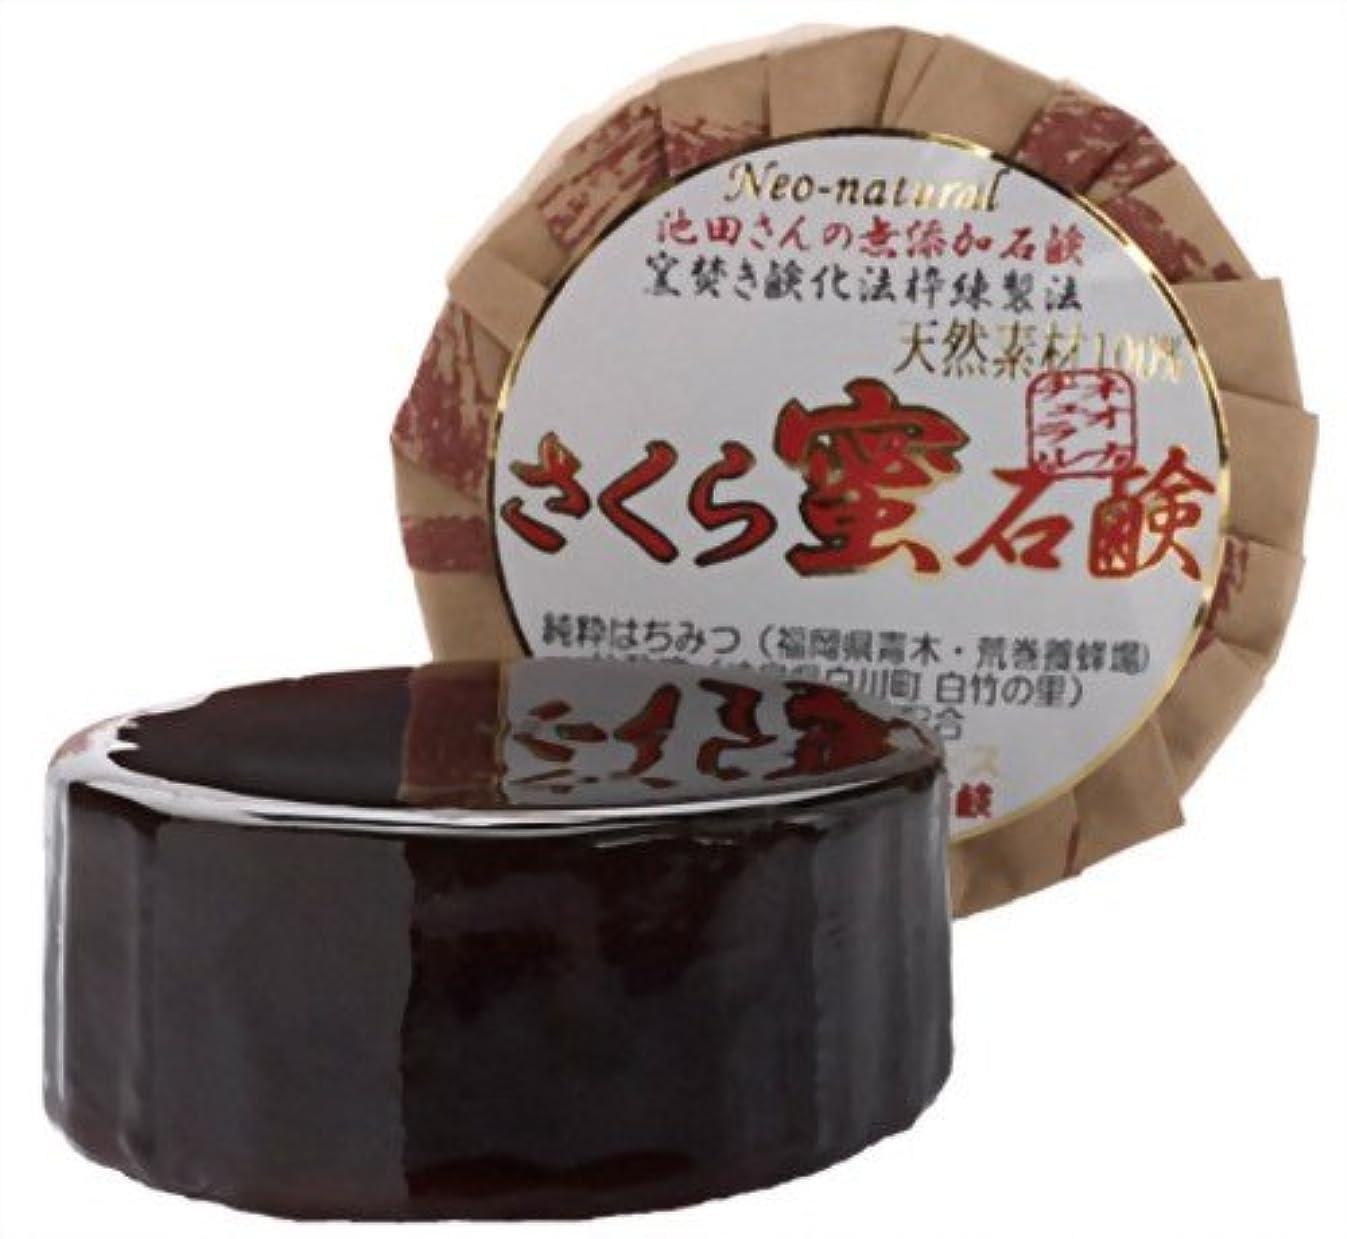 保証する拷問の量ネオナチュラル 池田さんのさくら蜜石鹸 105g